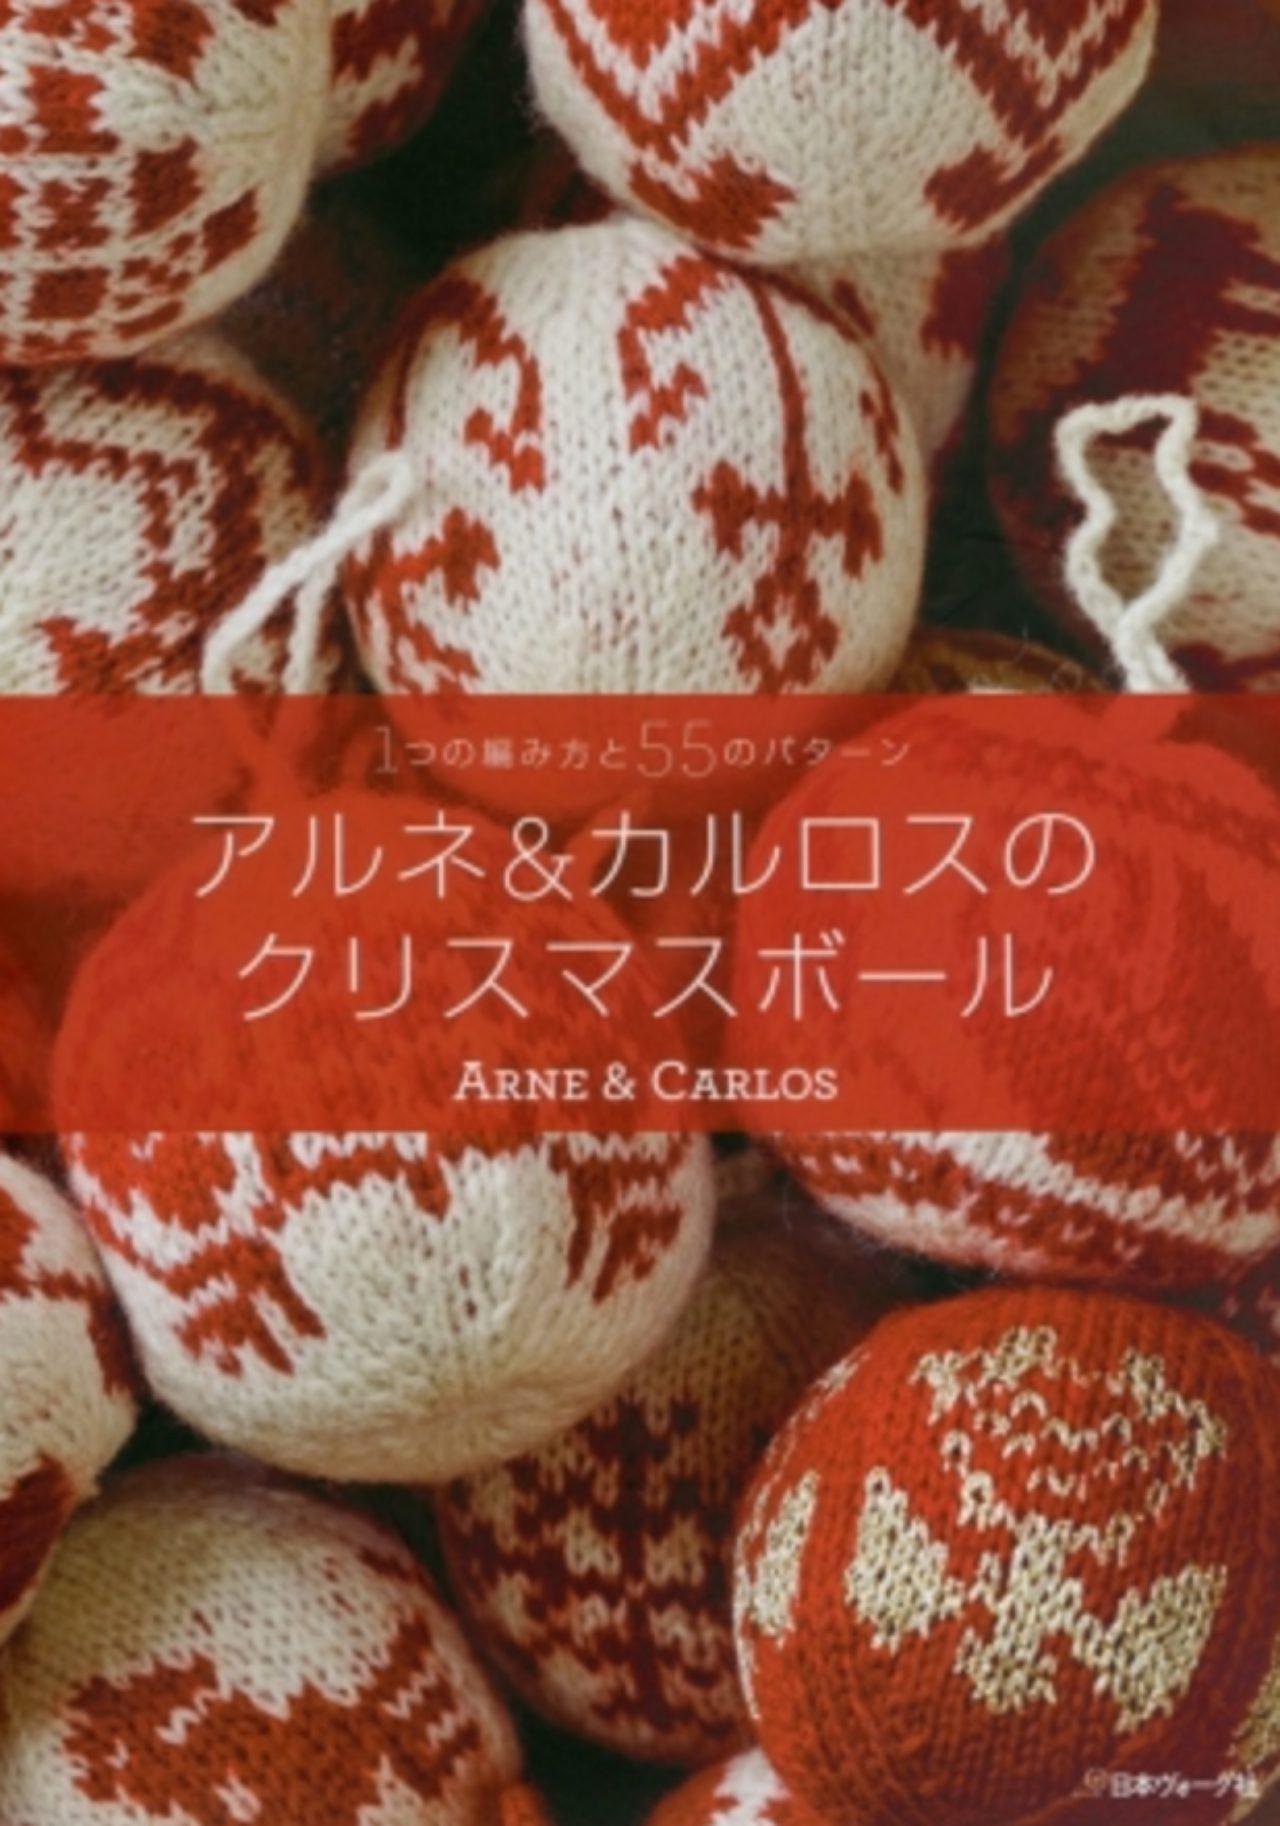 画像: 『アルネ&カルロスのクリスマスボール』(株式会社日本ヴォーグ社刊)